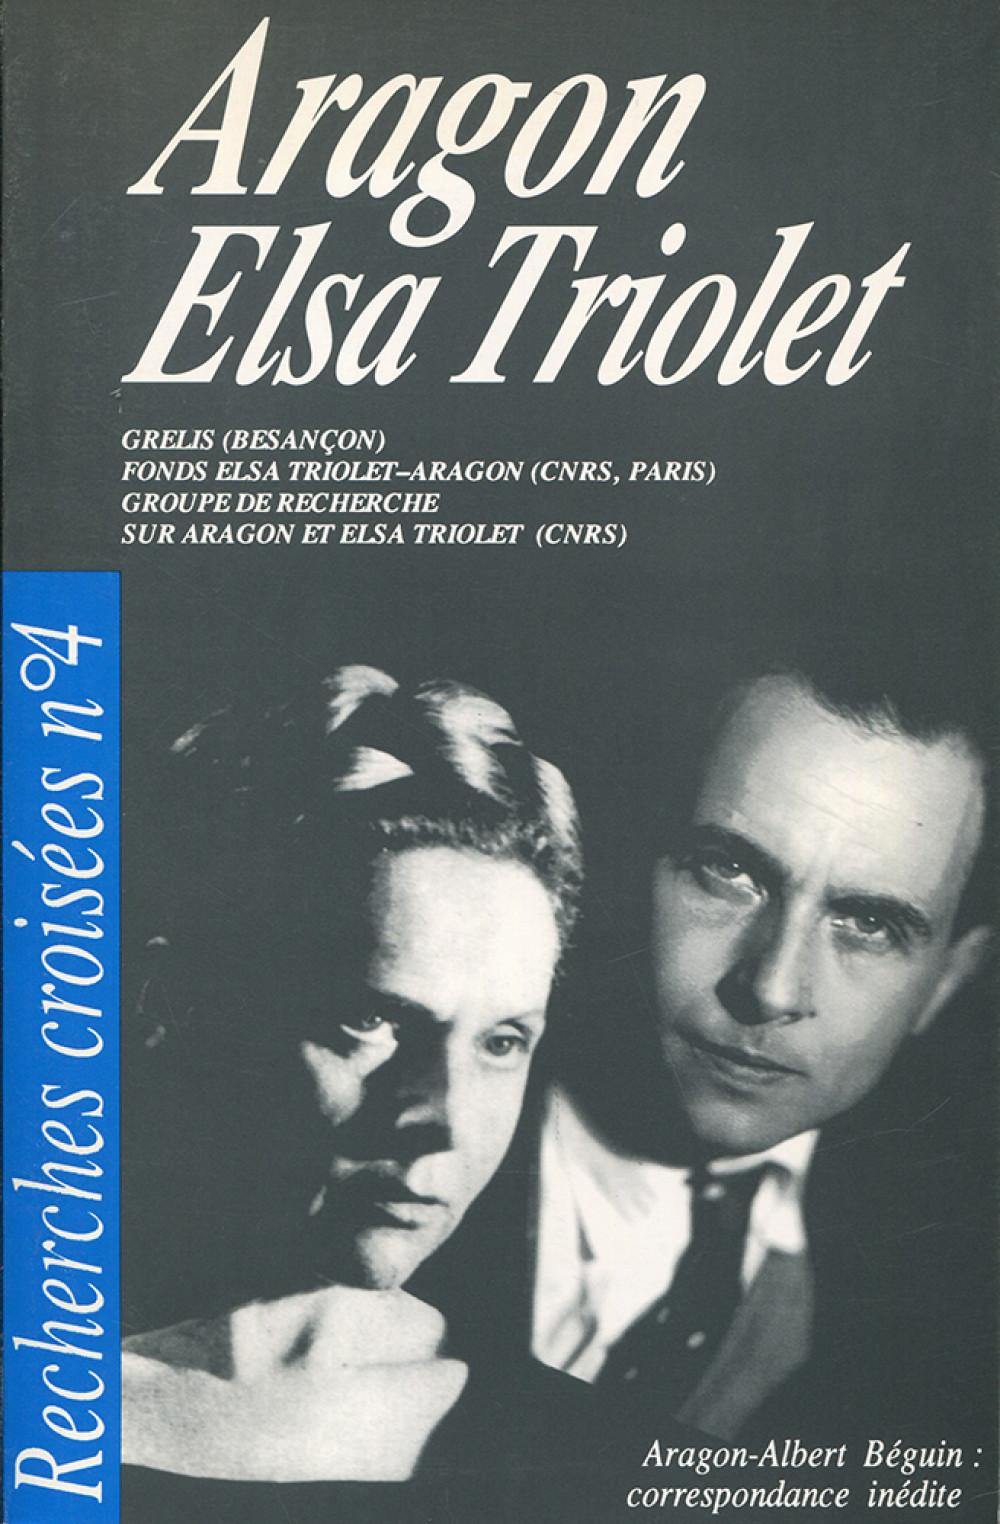 Recherches croisées : Aragon / Elsa Triolet n°4